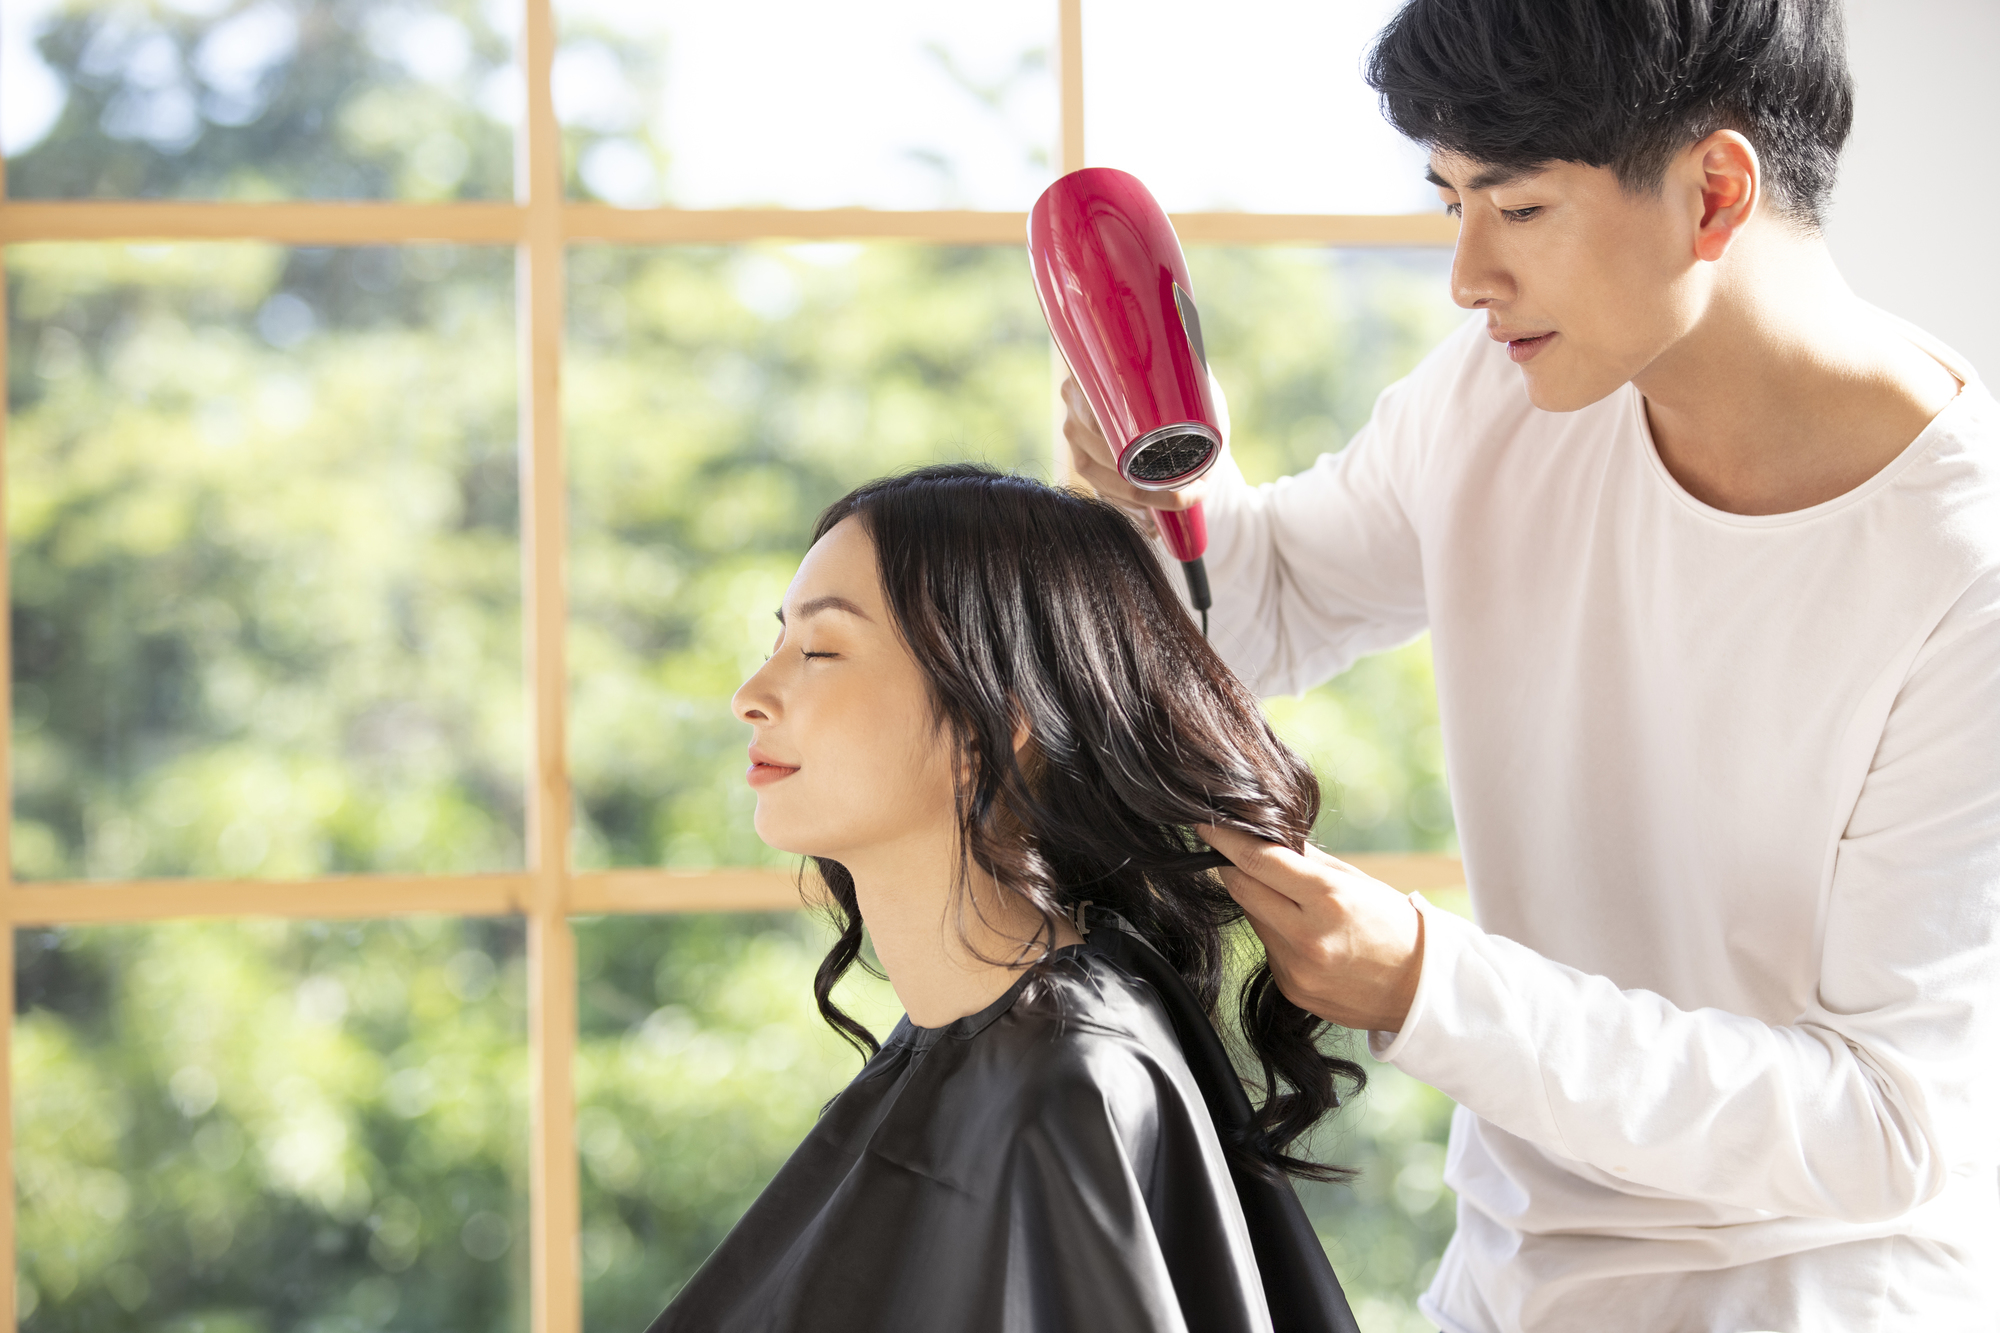 くせ毛の施術はくせ毛専門の美容師にお願いするのがおすすめ